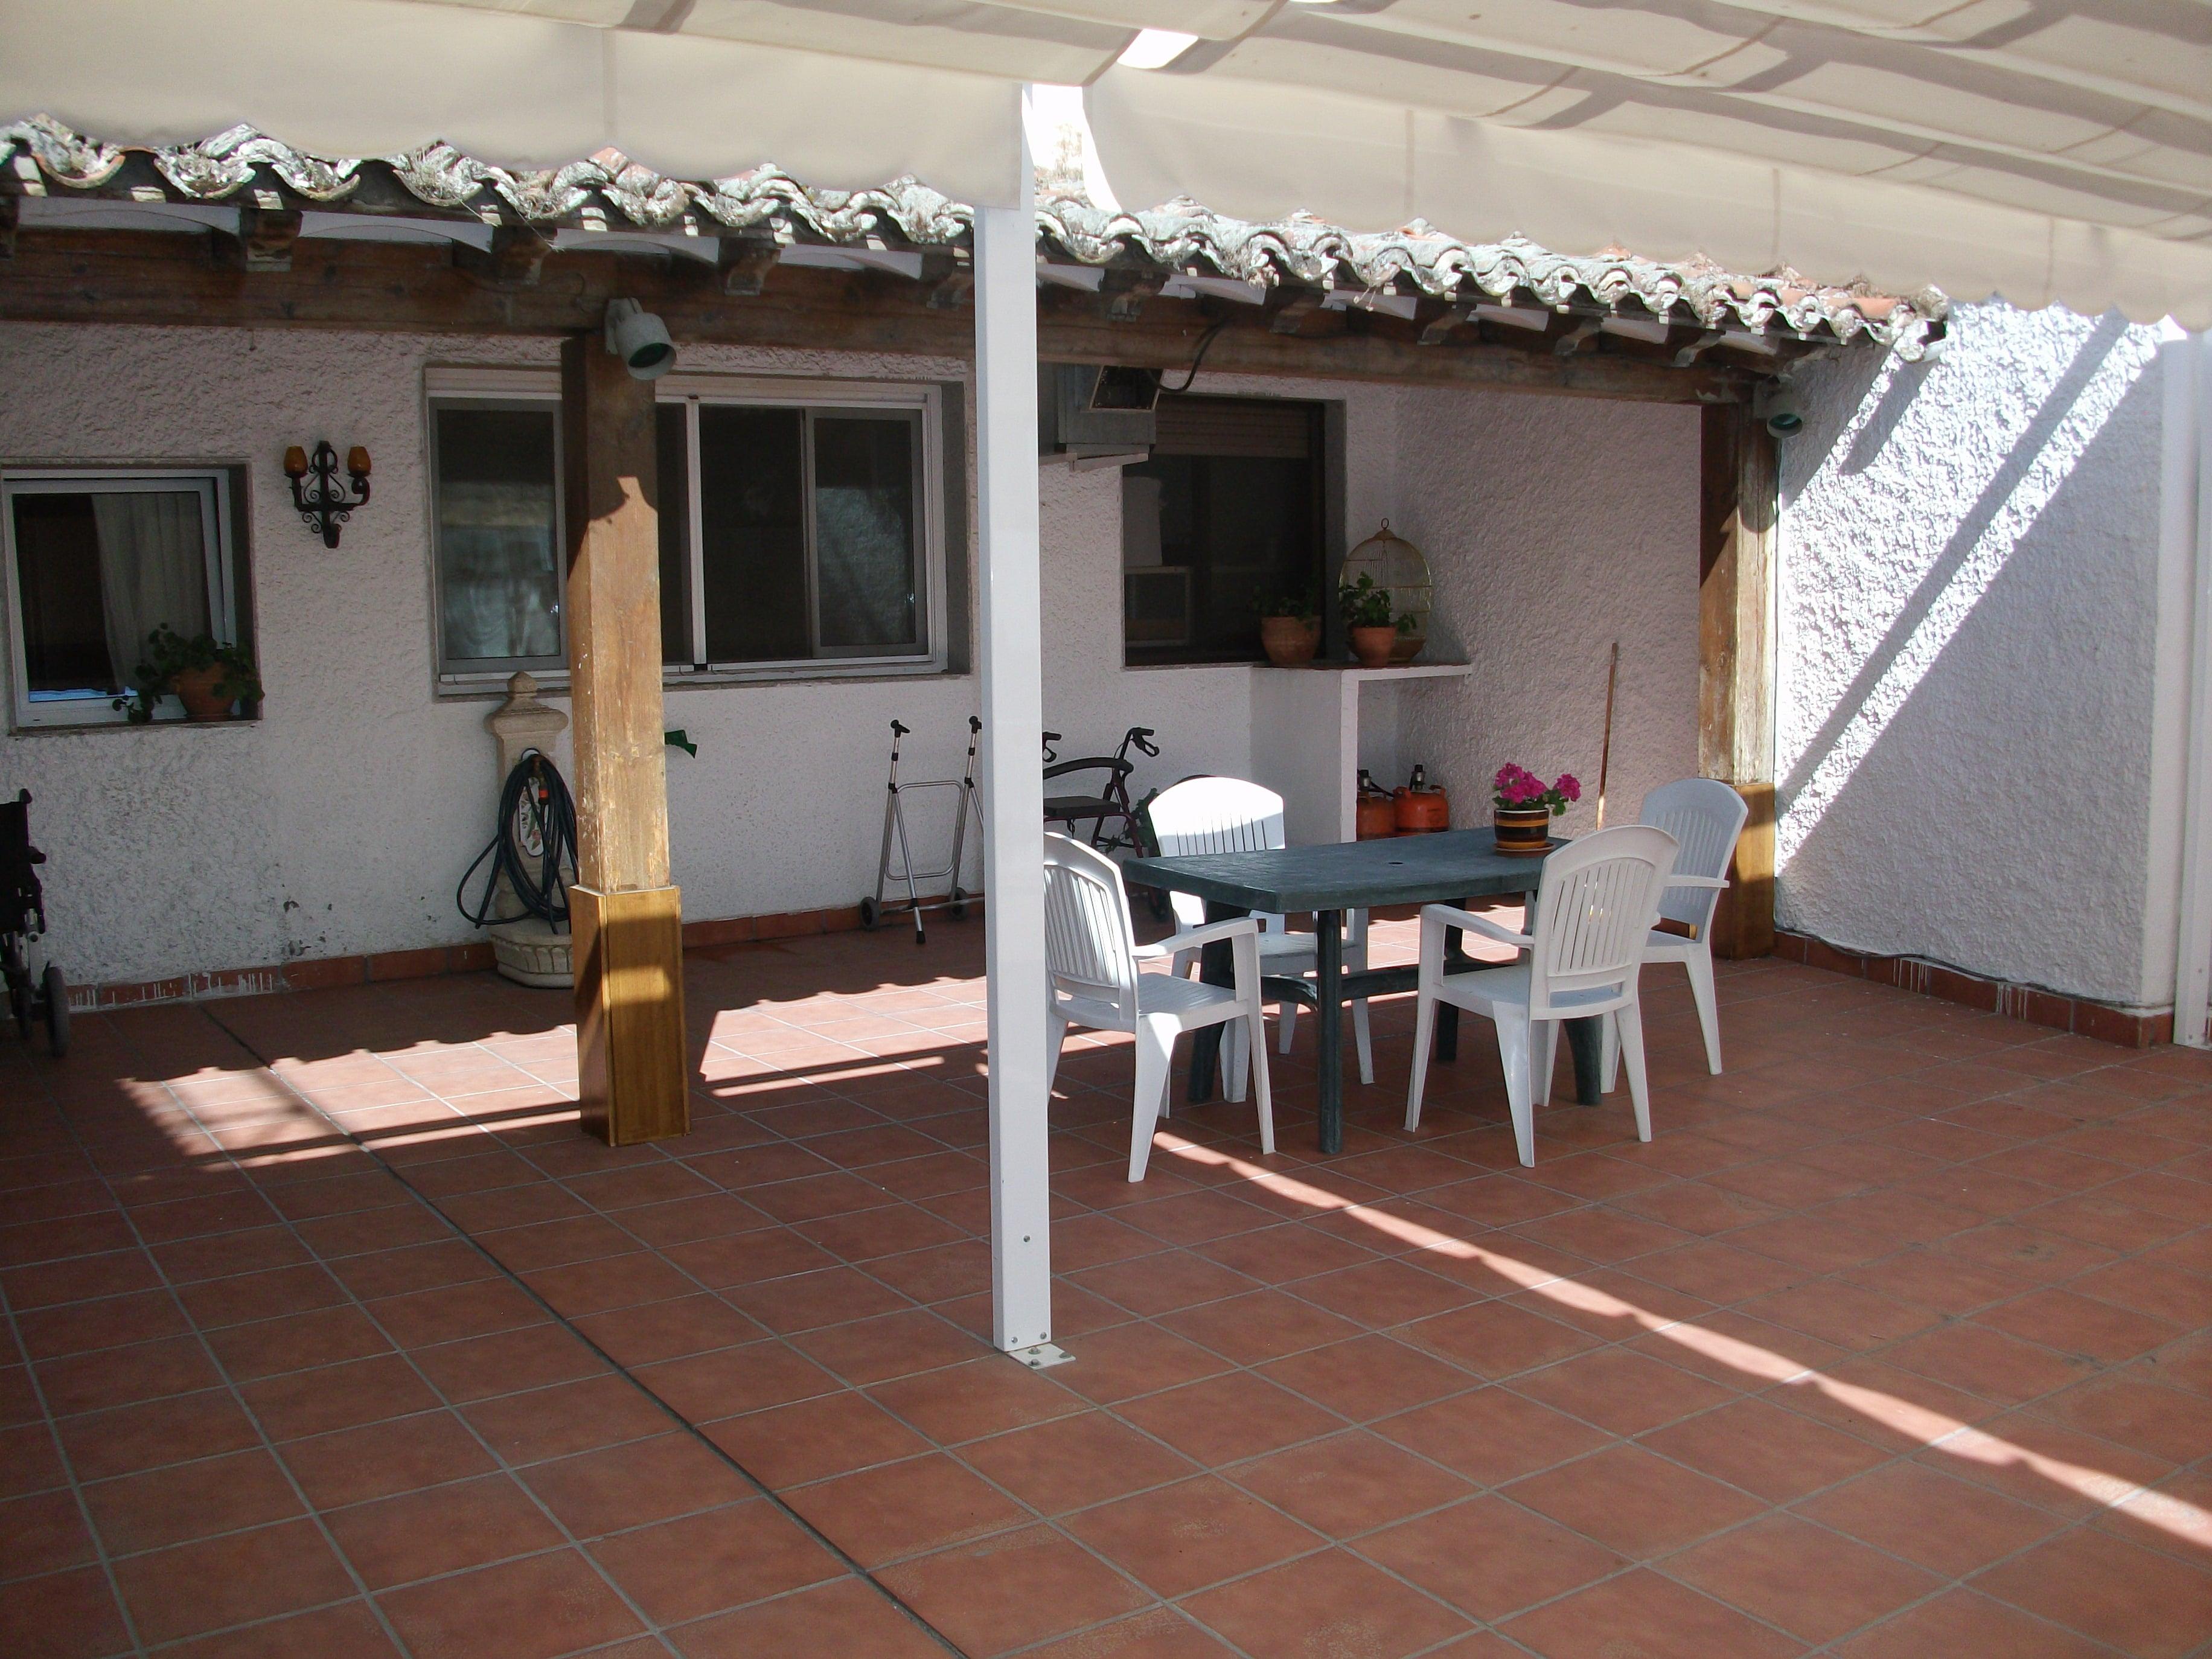 Residencia_Santa_Teresa_Colmenar_Viejo_-_Terraza